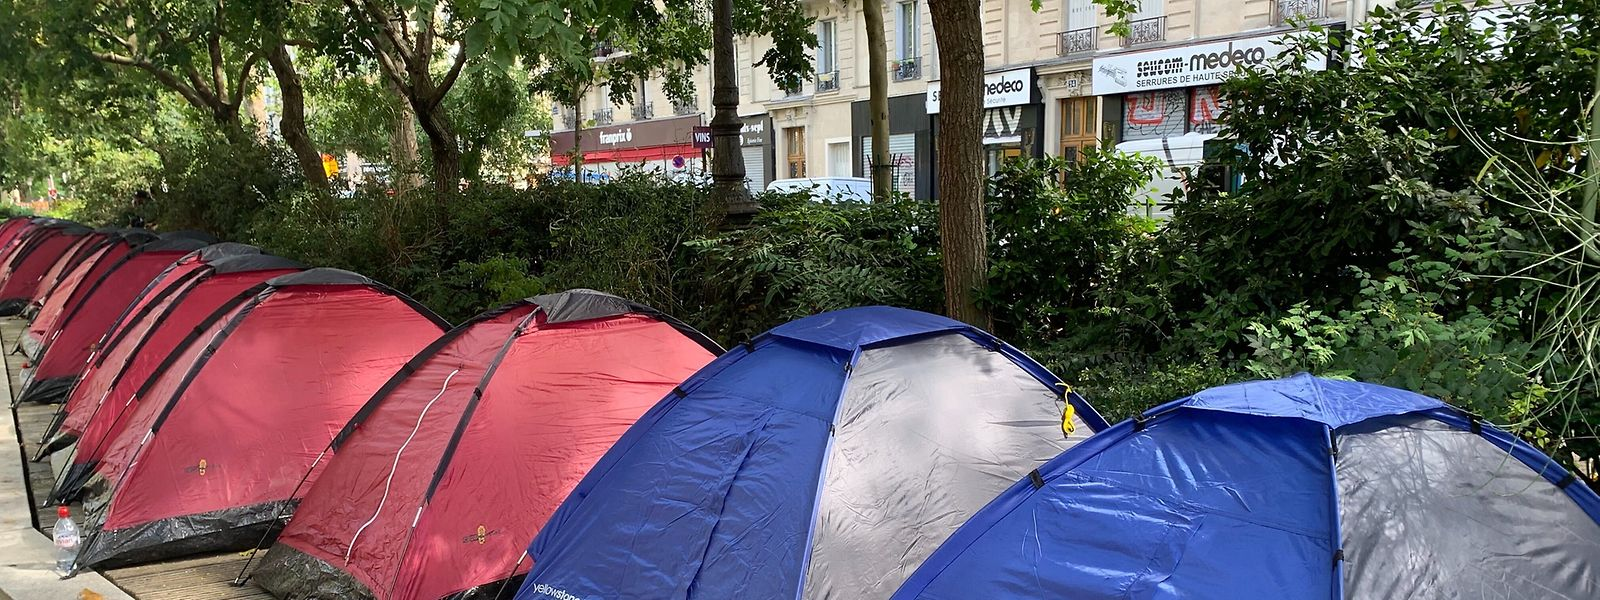 Ein Zeltcamp für junge unbegleitete Flüchtlinge im Stadtzentrum von Paris.